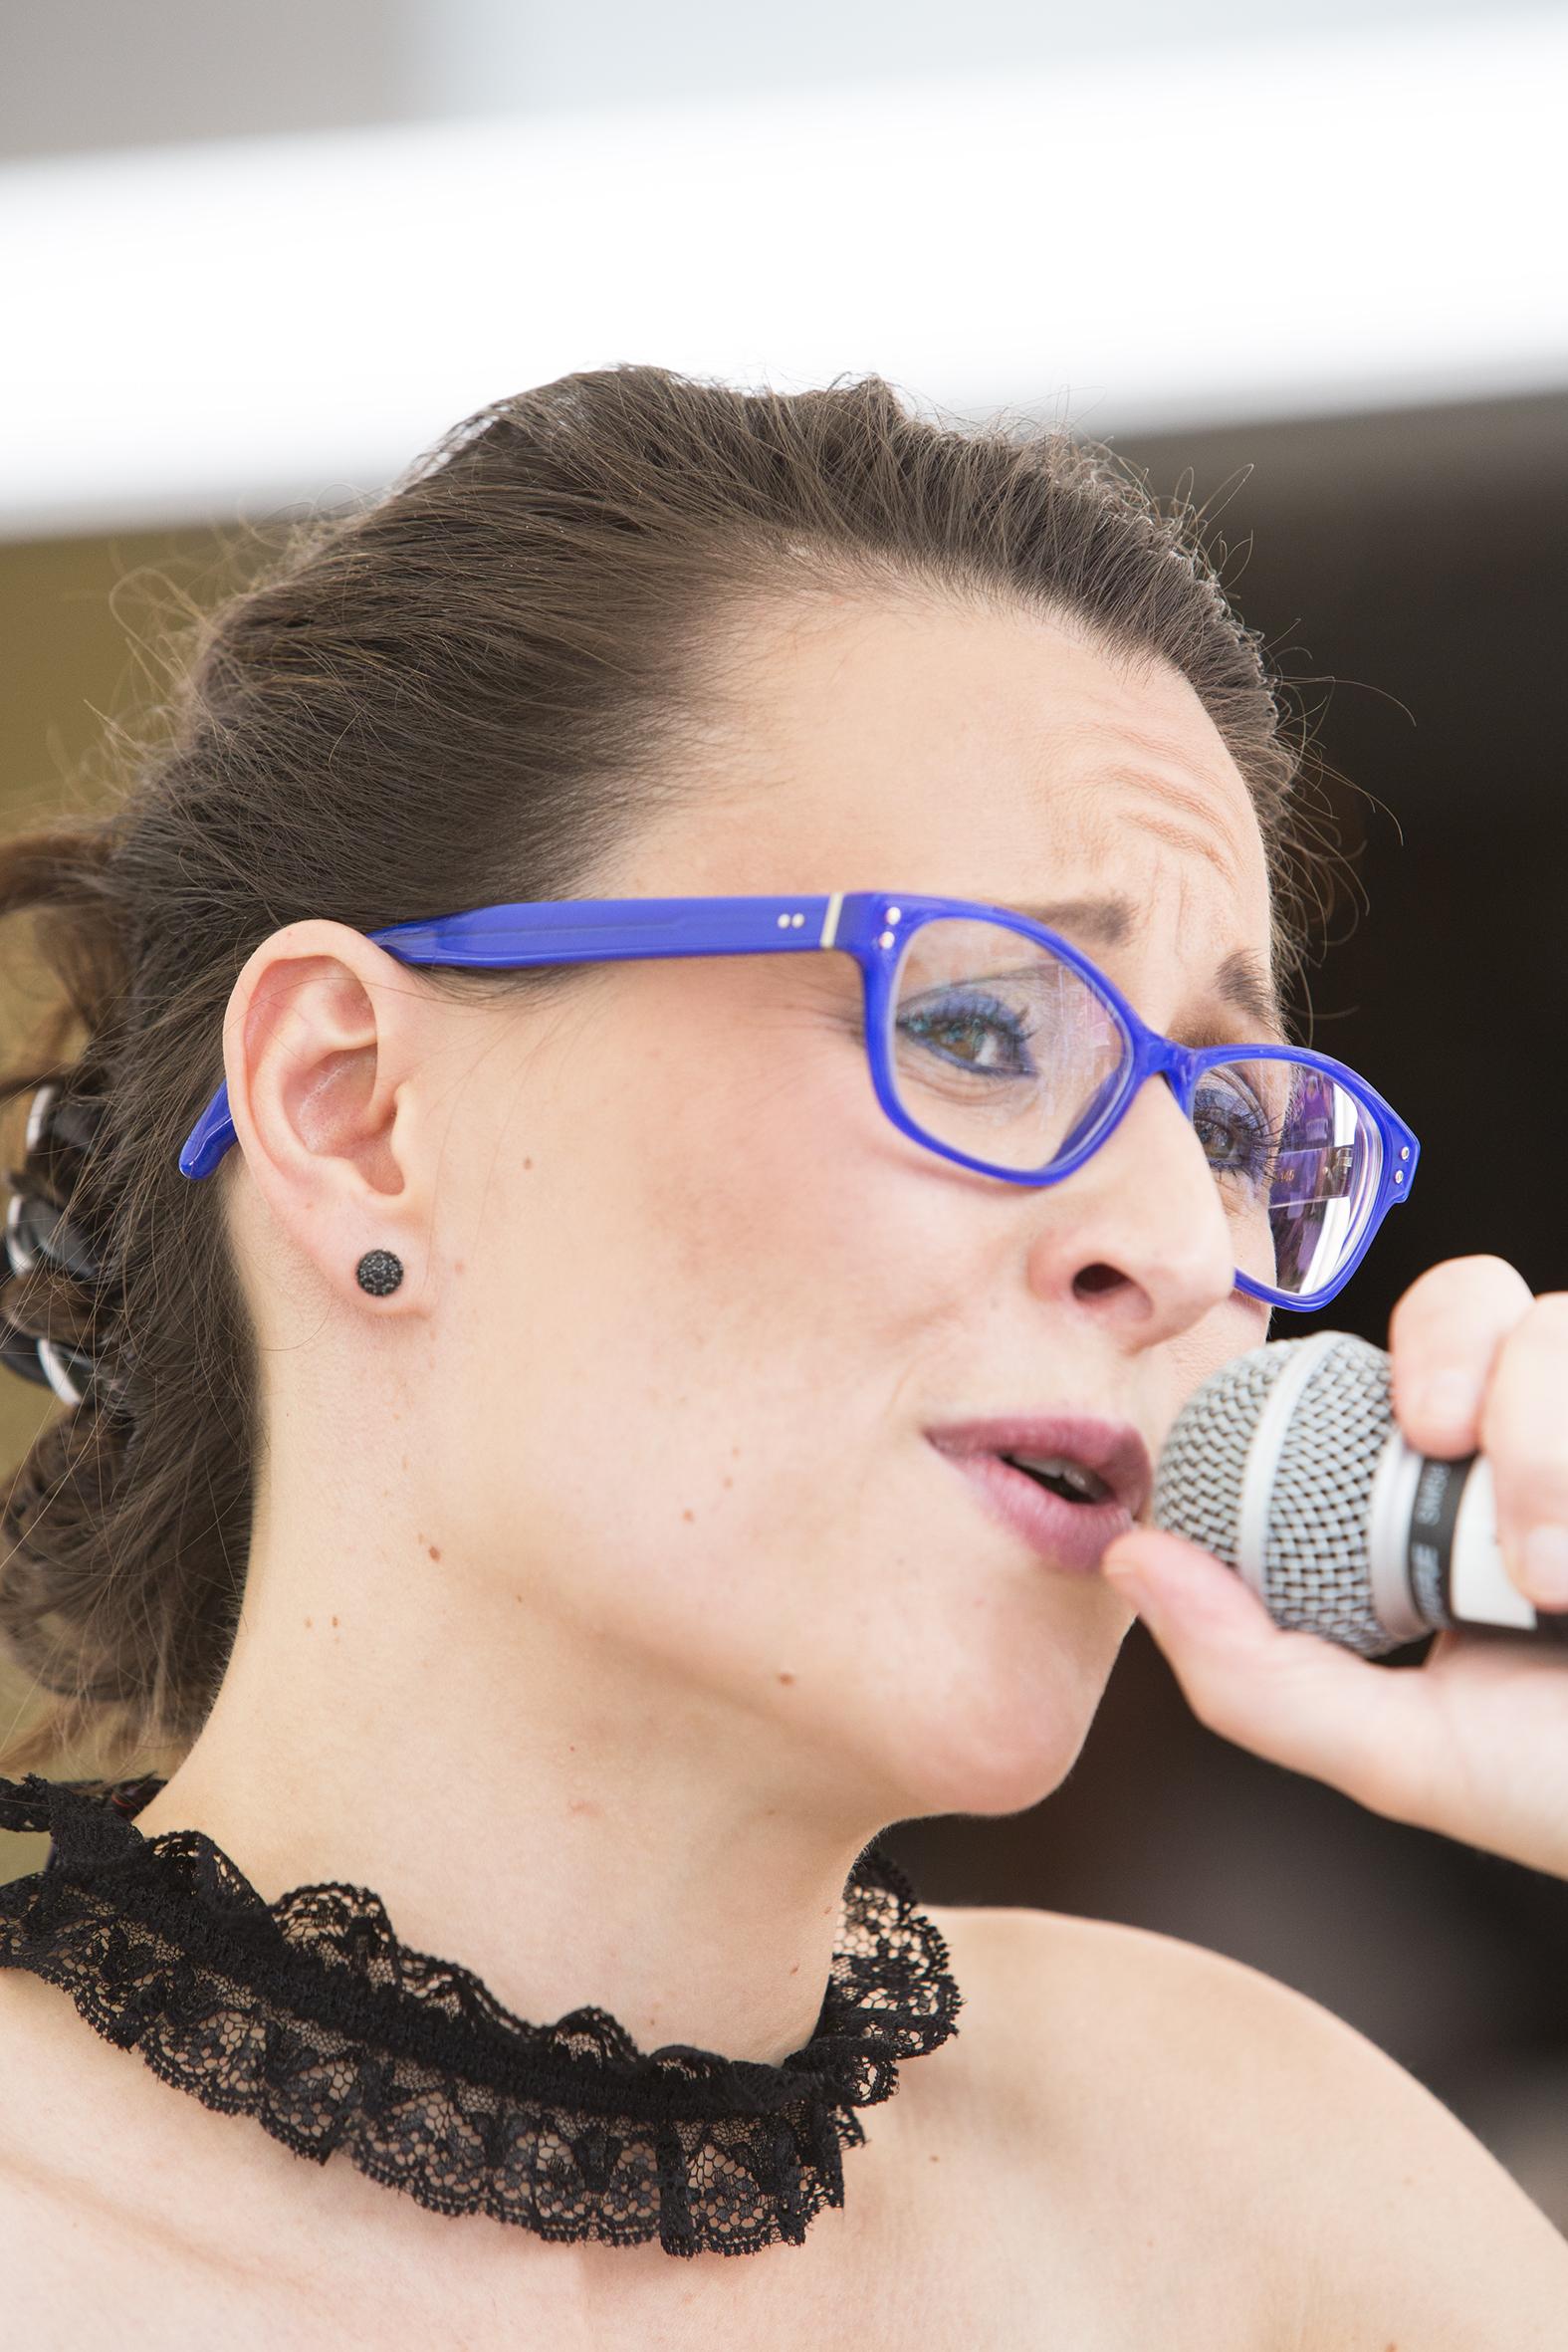 portraits-nadine-holderith-weiss-lfestival-au-gr+¿s-du-jazz-la-petite-pierre-2015-marie-colette-becker-17